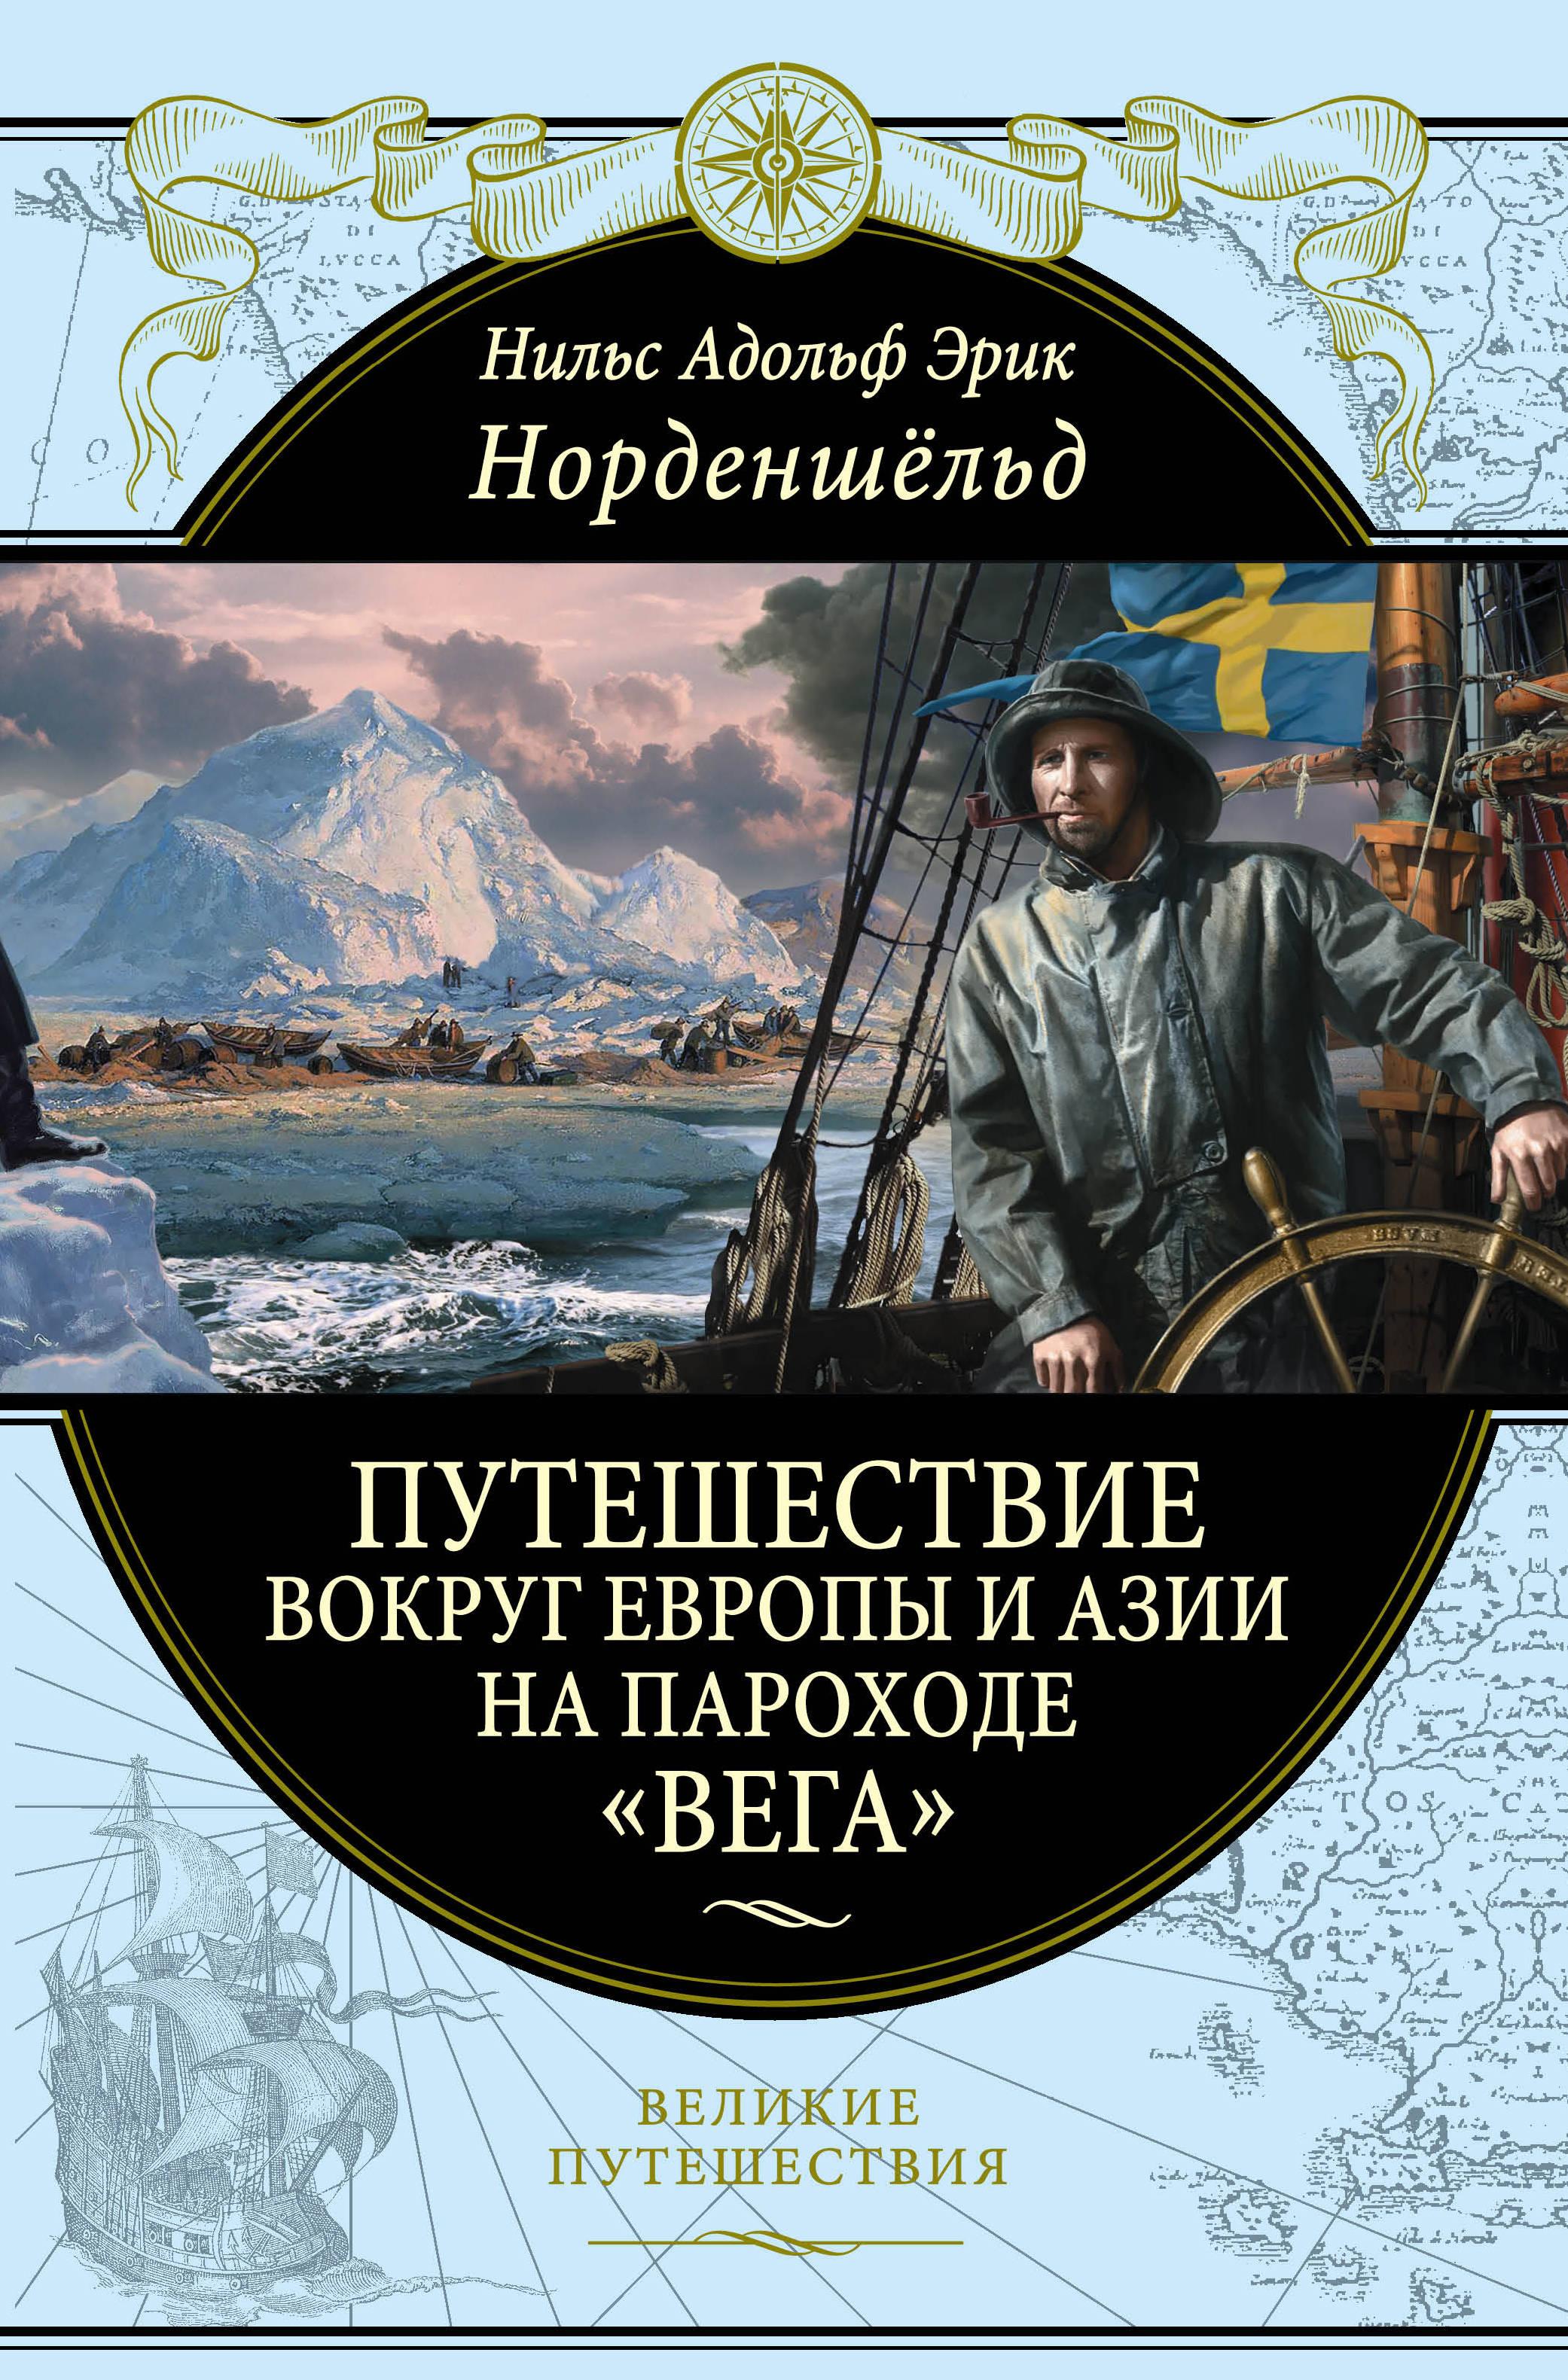 Путешествие вокруг Европы и Азии на пароходе Вега в 1878-1880 годах